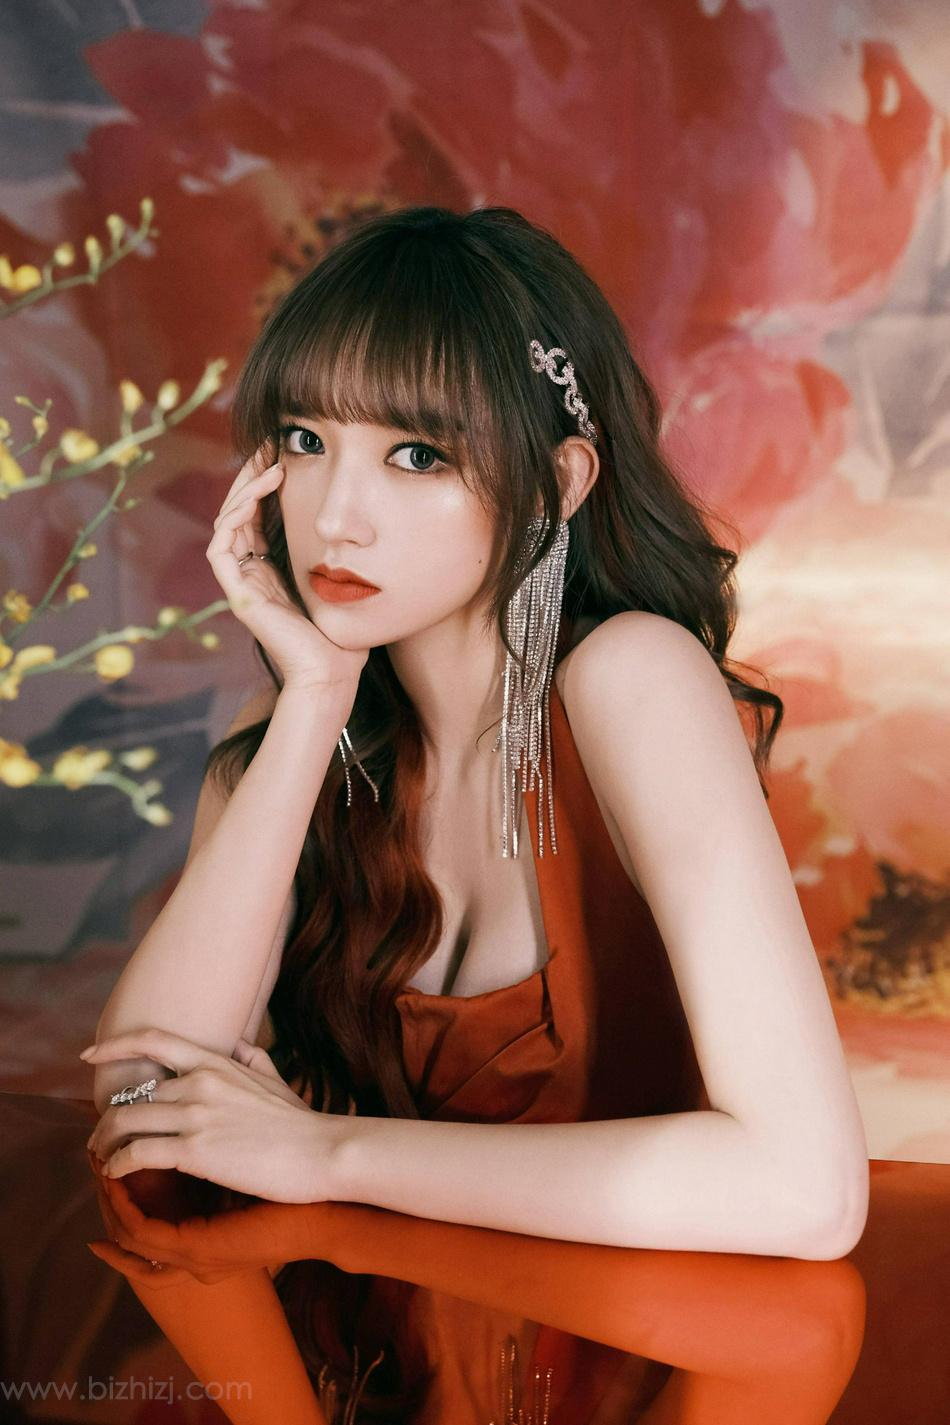 程潇性感玫瑰红露背短裙着身诱惑写真图片